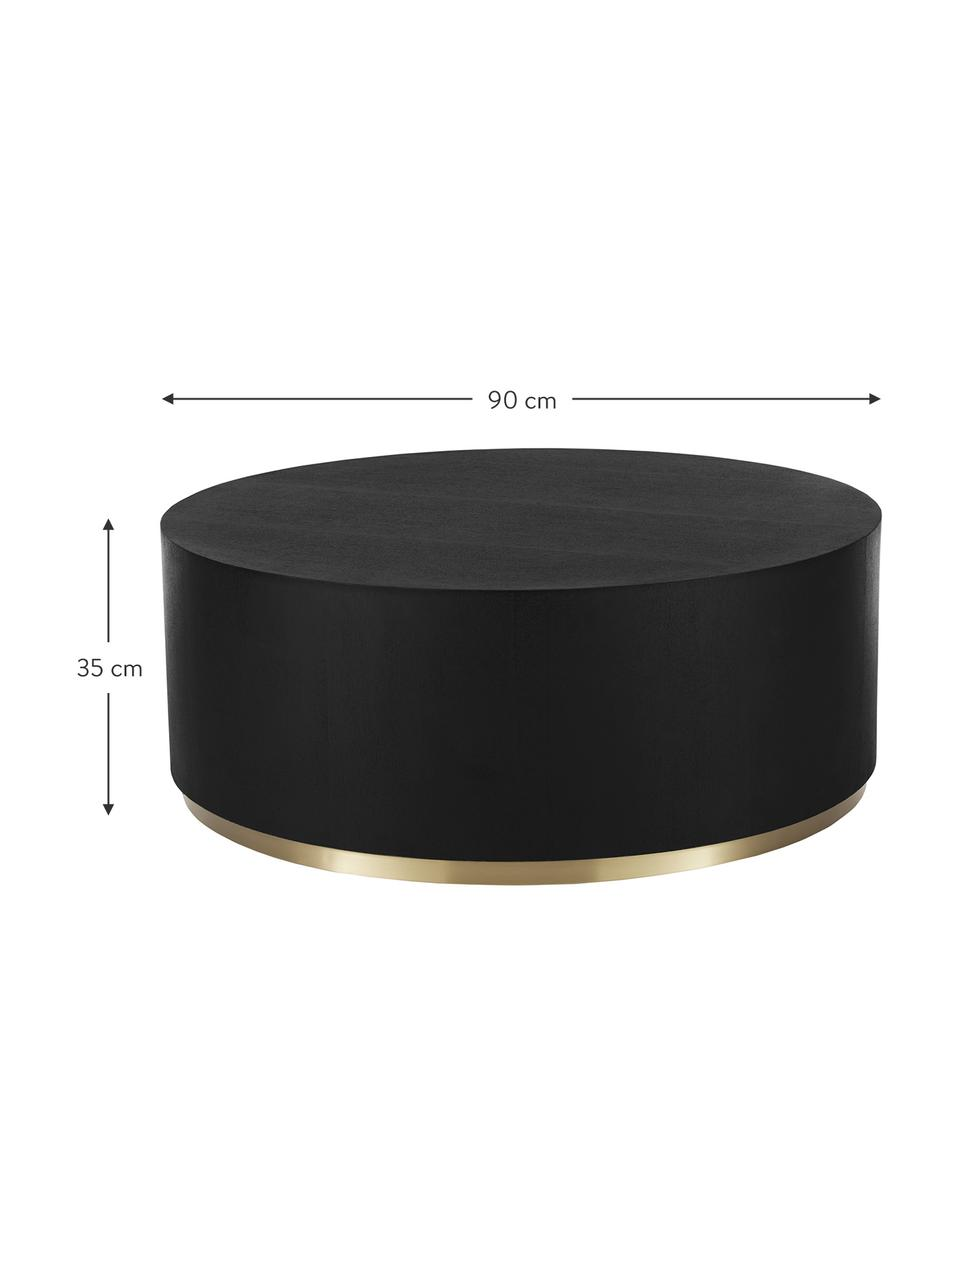 Großer Couchtisch Clarice in Schwarz, Korpus: Mitteldichte Holzfaserpla, Fuß: Metall, beschichtet, Korpus: Eichenholz, schwarz lackiertFuß: Goldfarben, Ø 90 x H 35 cm